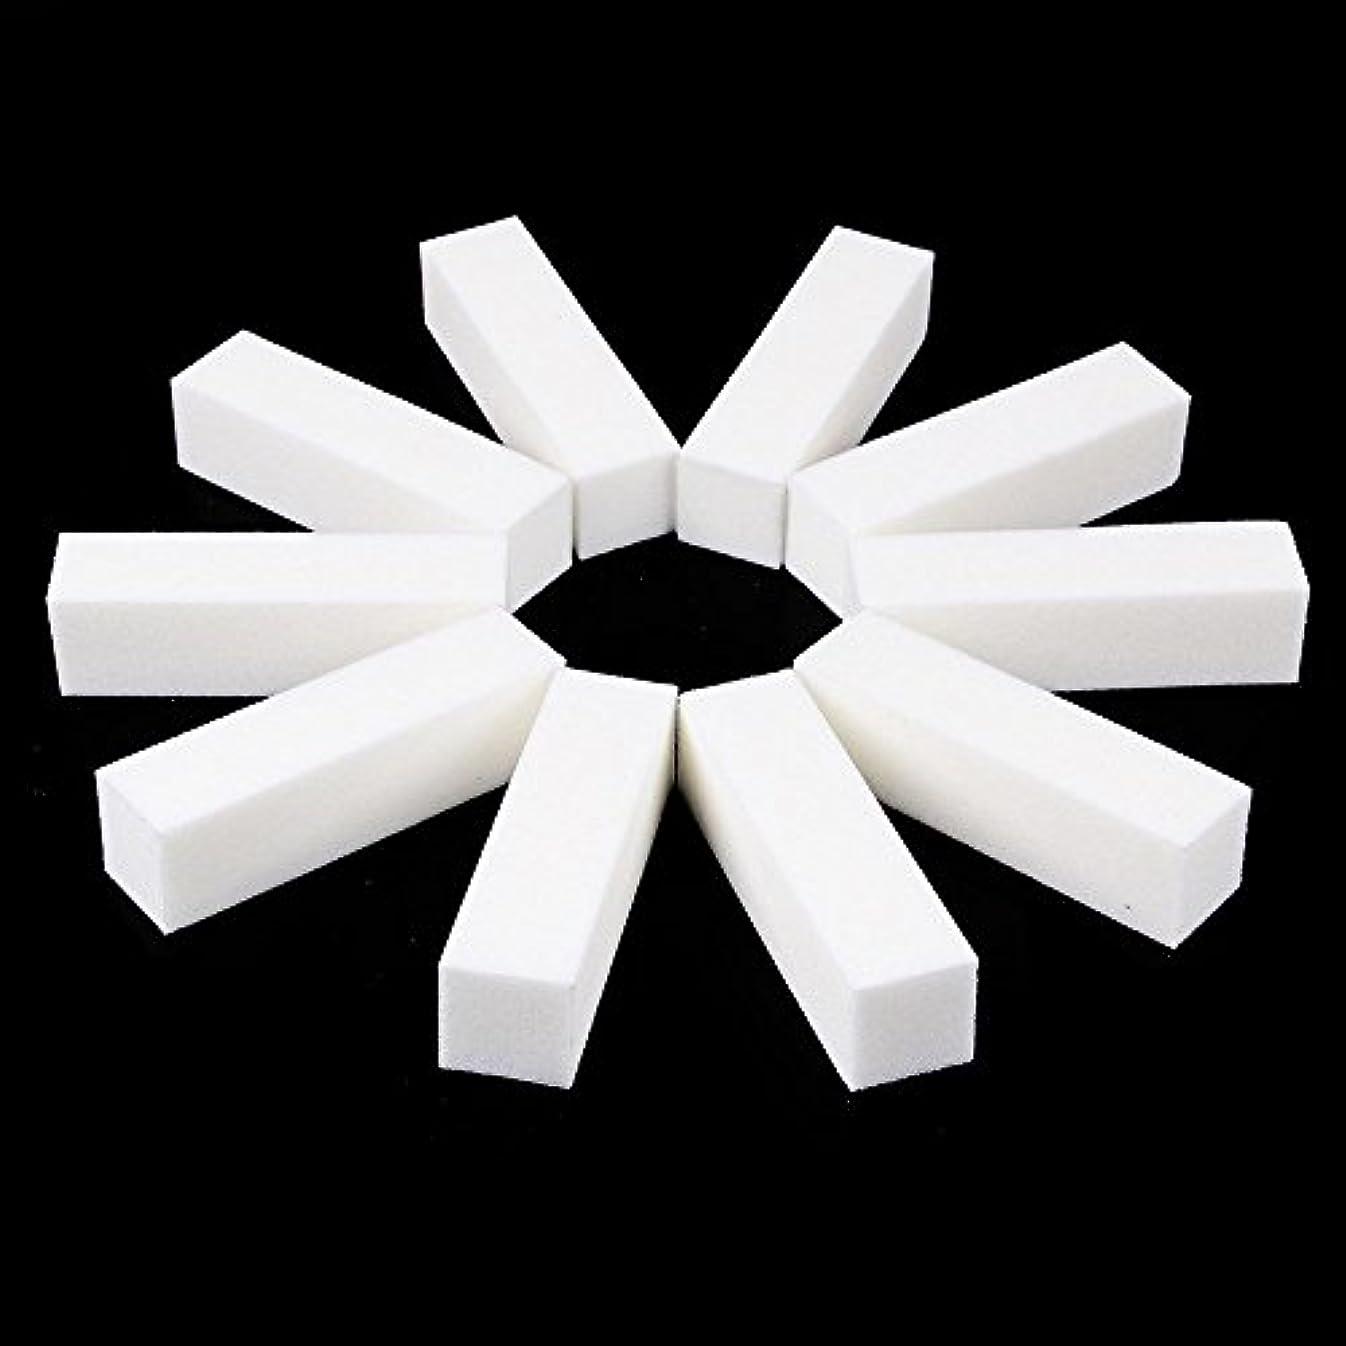 話す等価理解ネイルファイル サンディングブロック マニキュアツール バッファ ホワイト 4ウェイ 12個セット